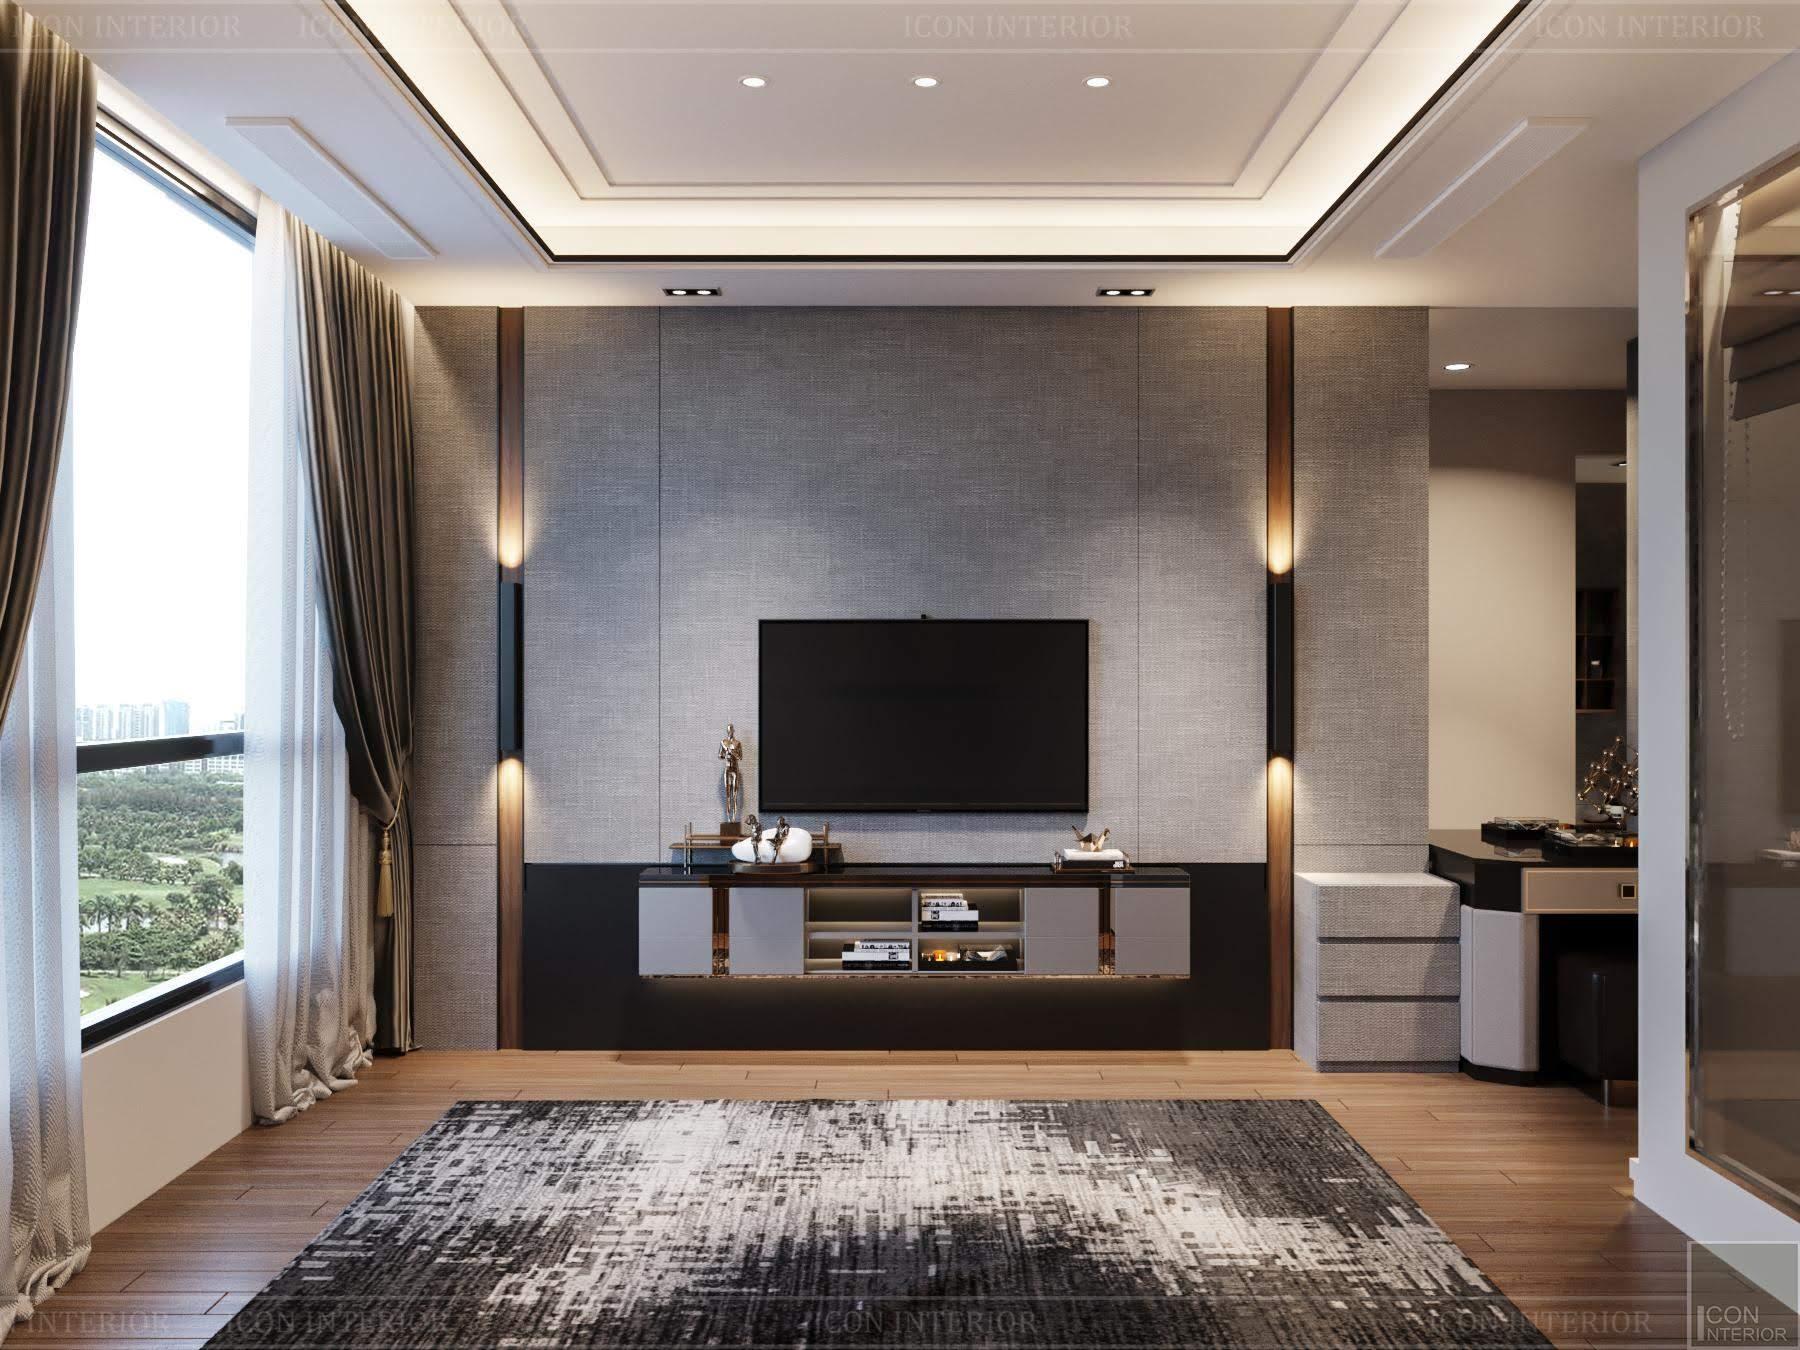 thiết kế nội thất phong cách hiện đại - phòng master 1